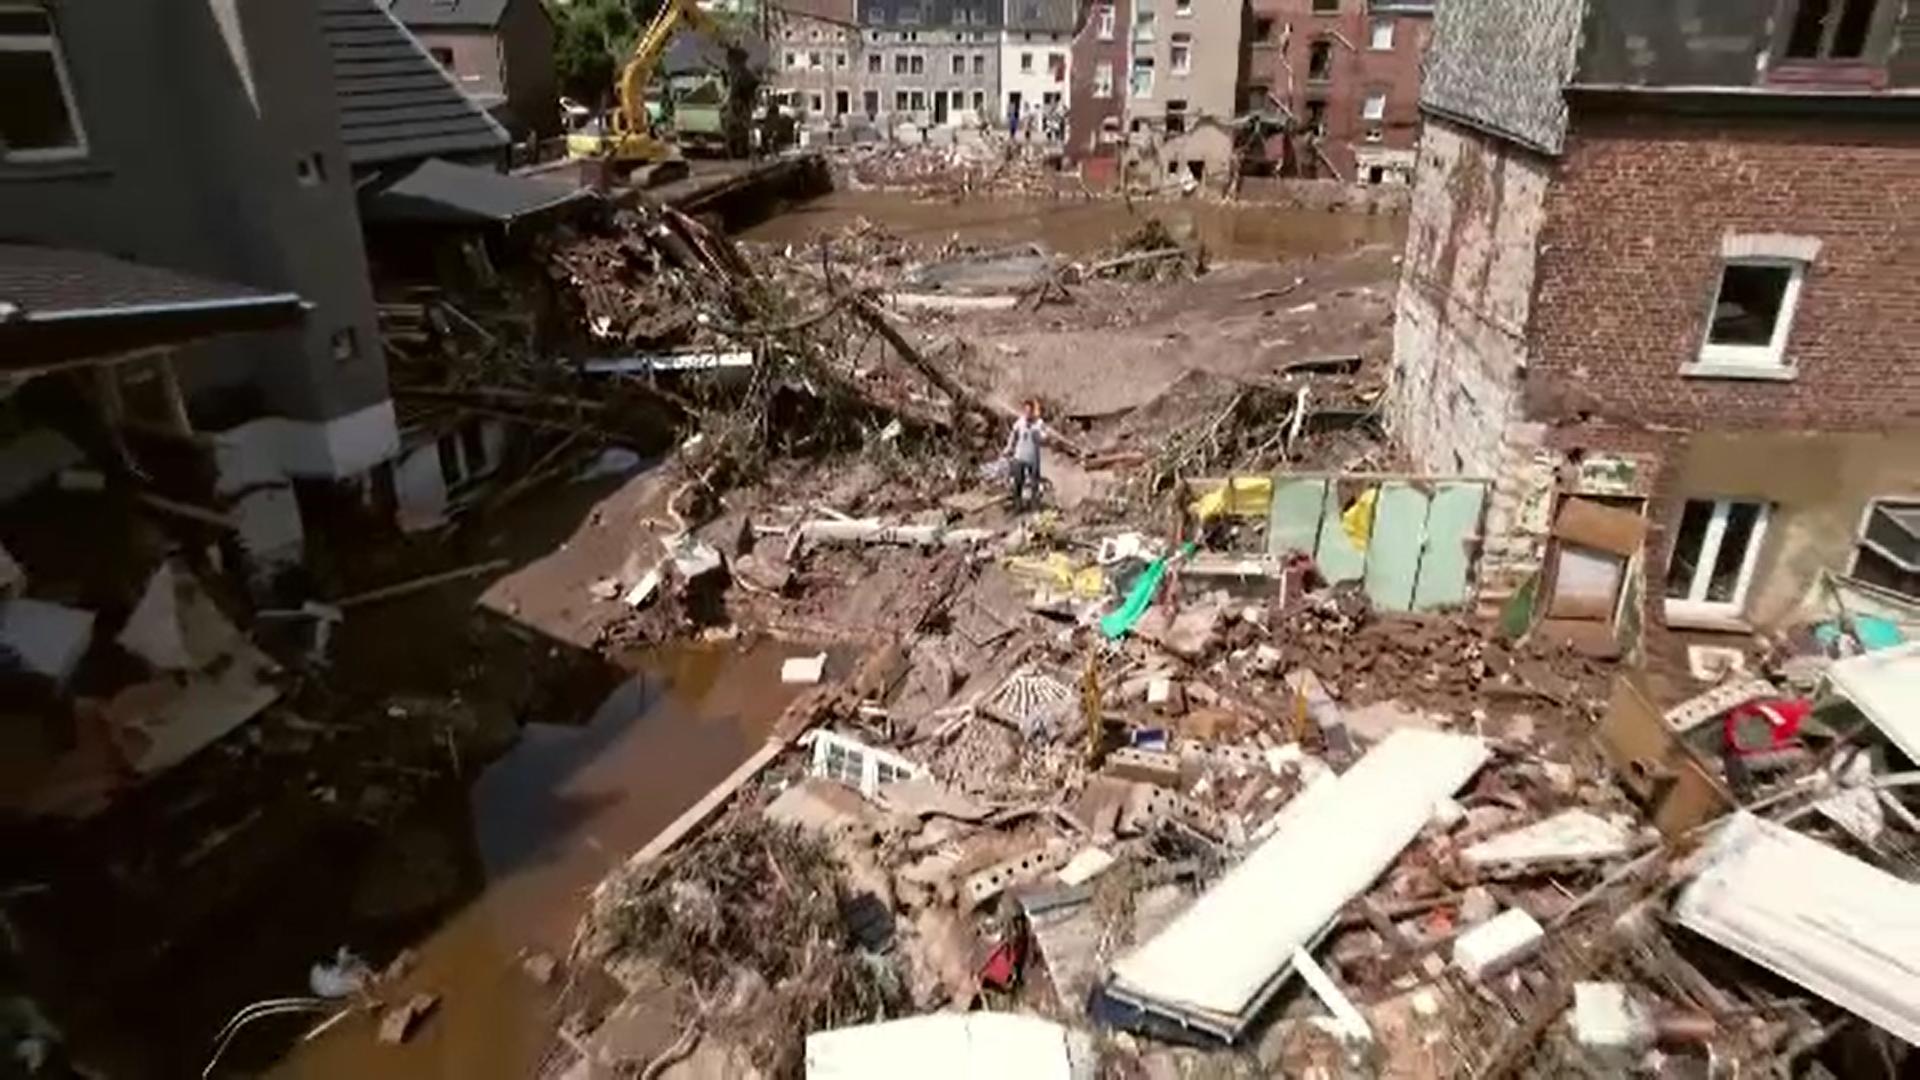 Coşmarul inundaţiilor continuă în vestul Europei. O viitură puternică a lovit un oraş din regiunea Salzburg